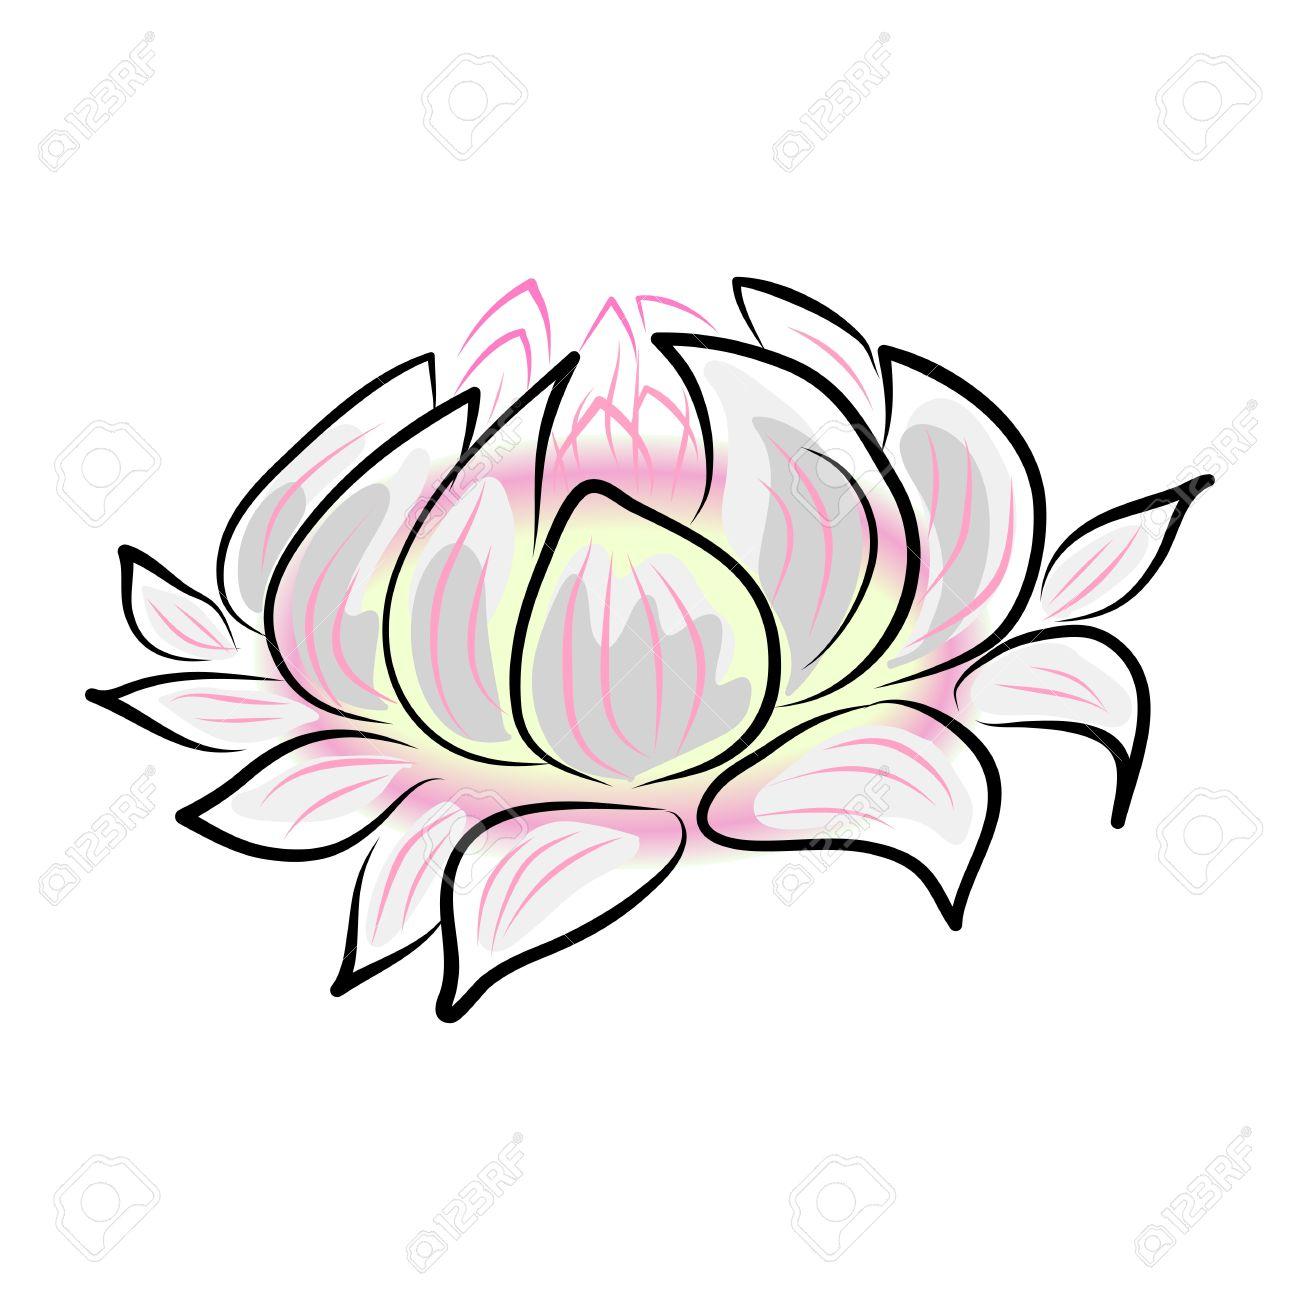 Dessin A La Main Nenuphar Lotus Fleur Clip Art Libres De Droits